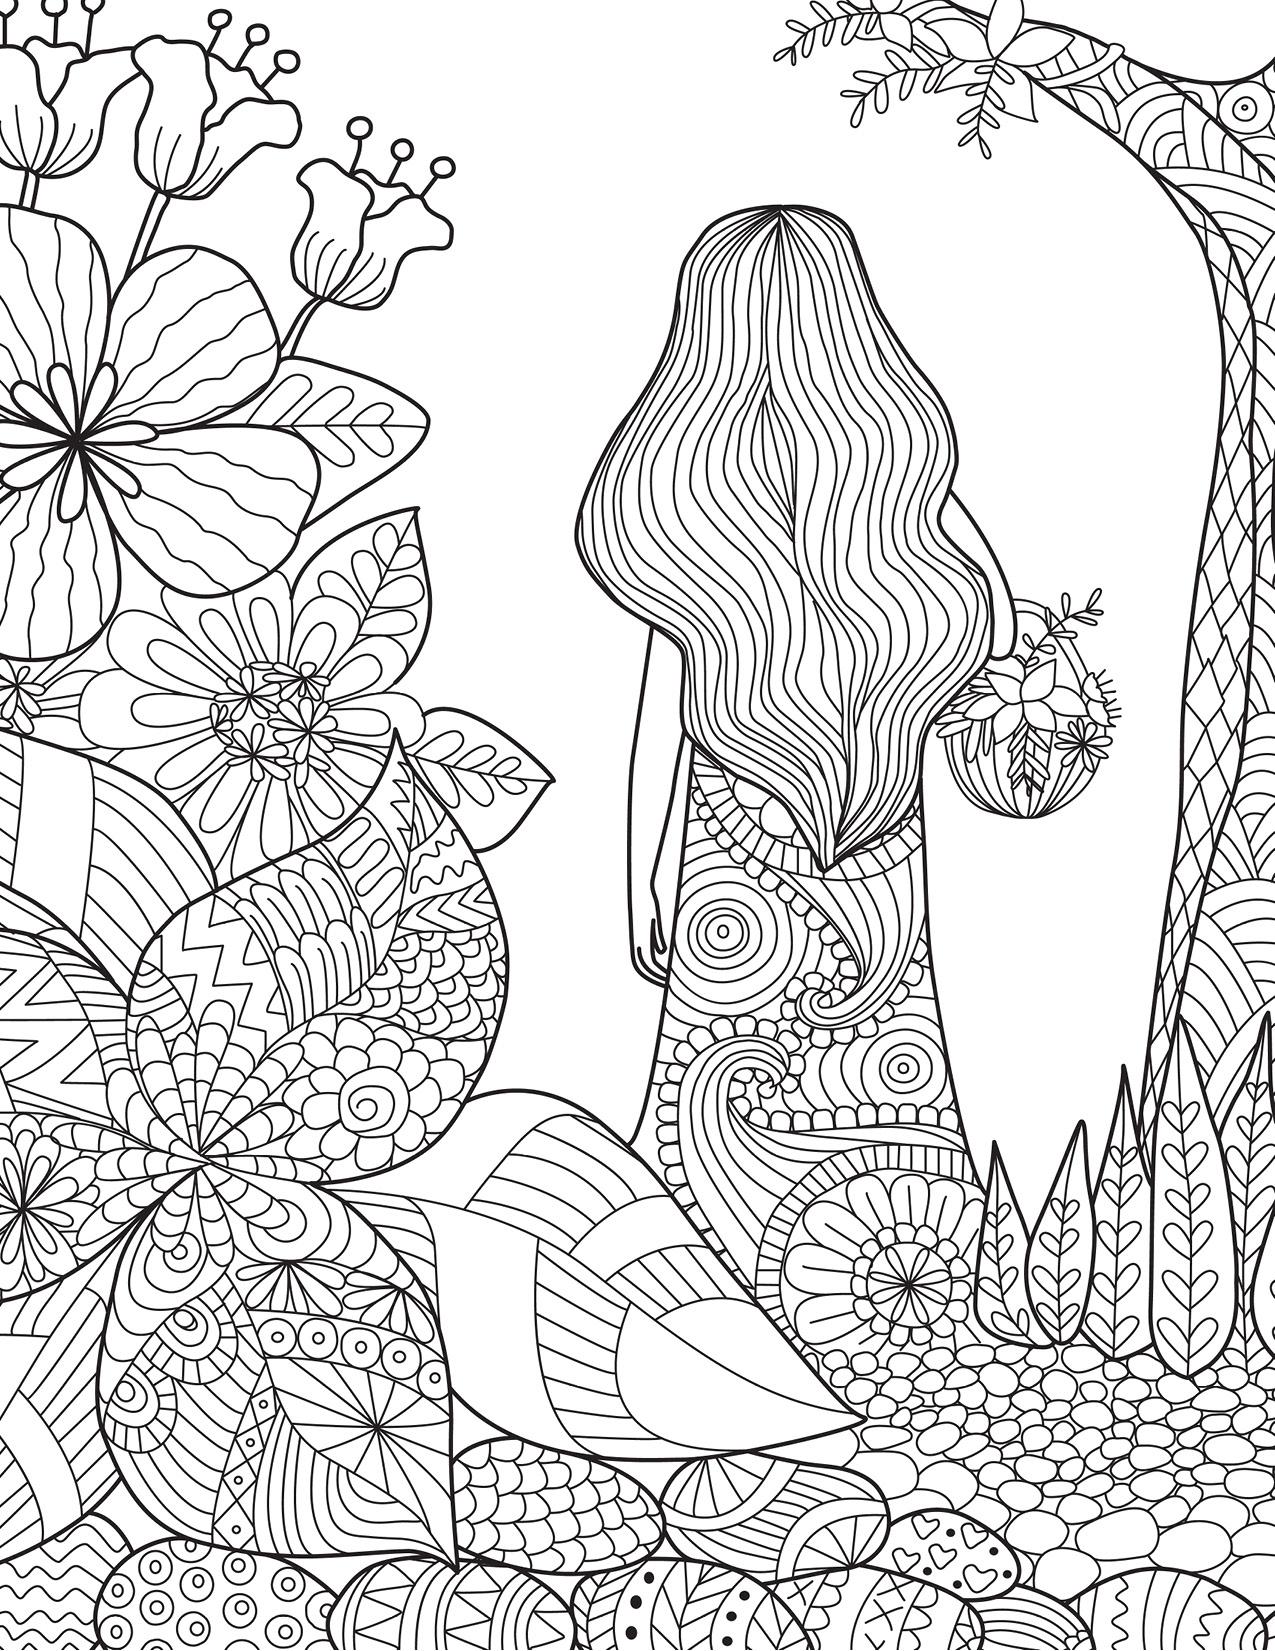 Coloriage de la nature femme dans la foret - Dessin de nature ...